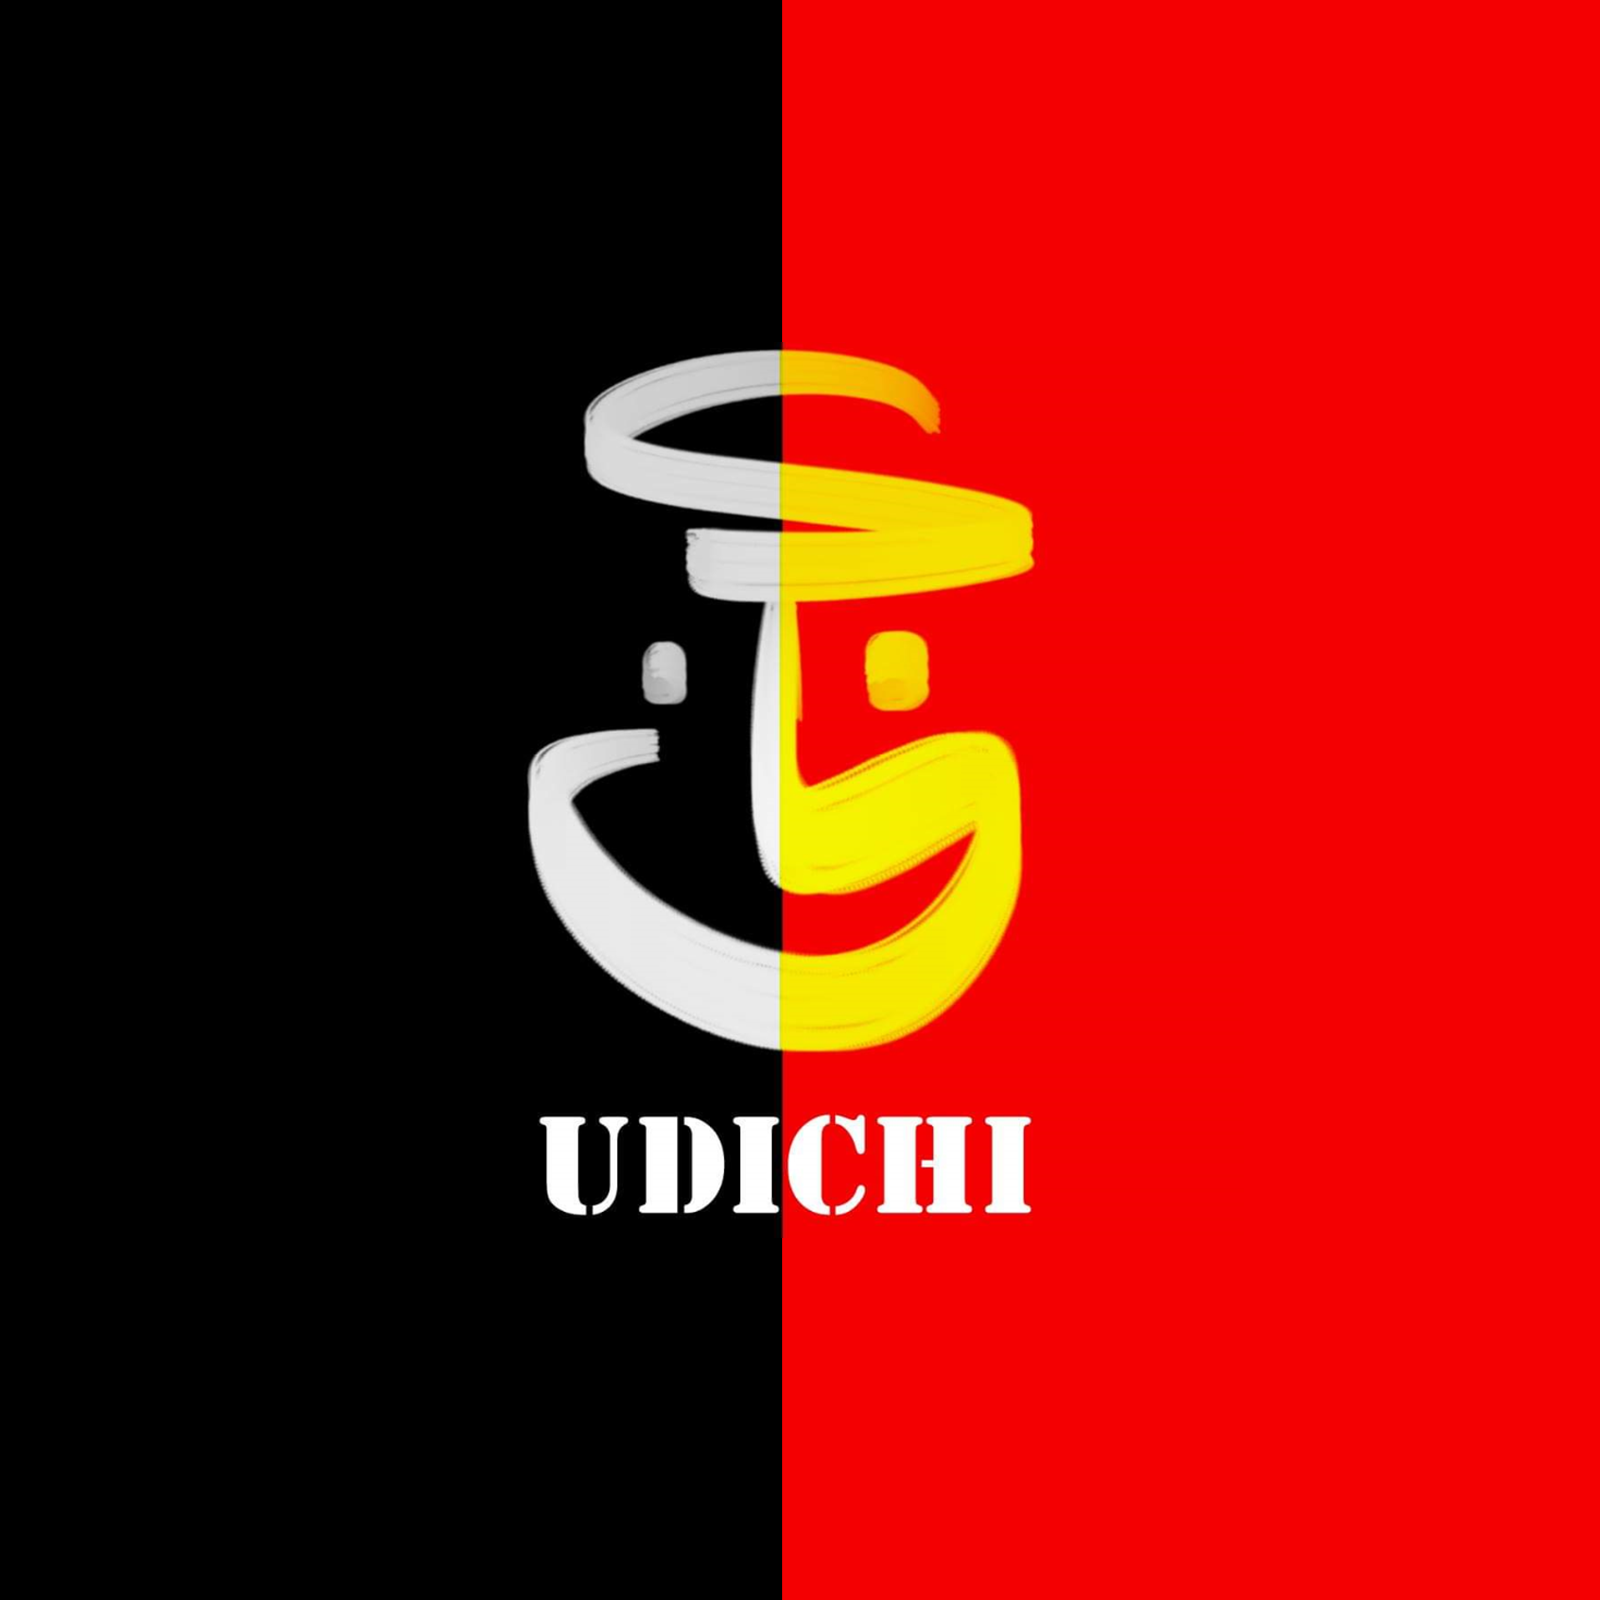 Udichi